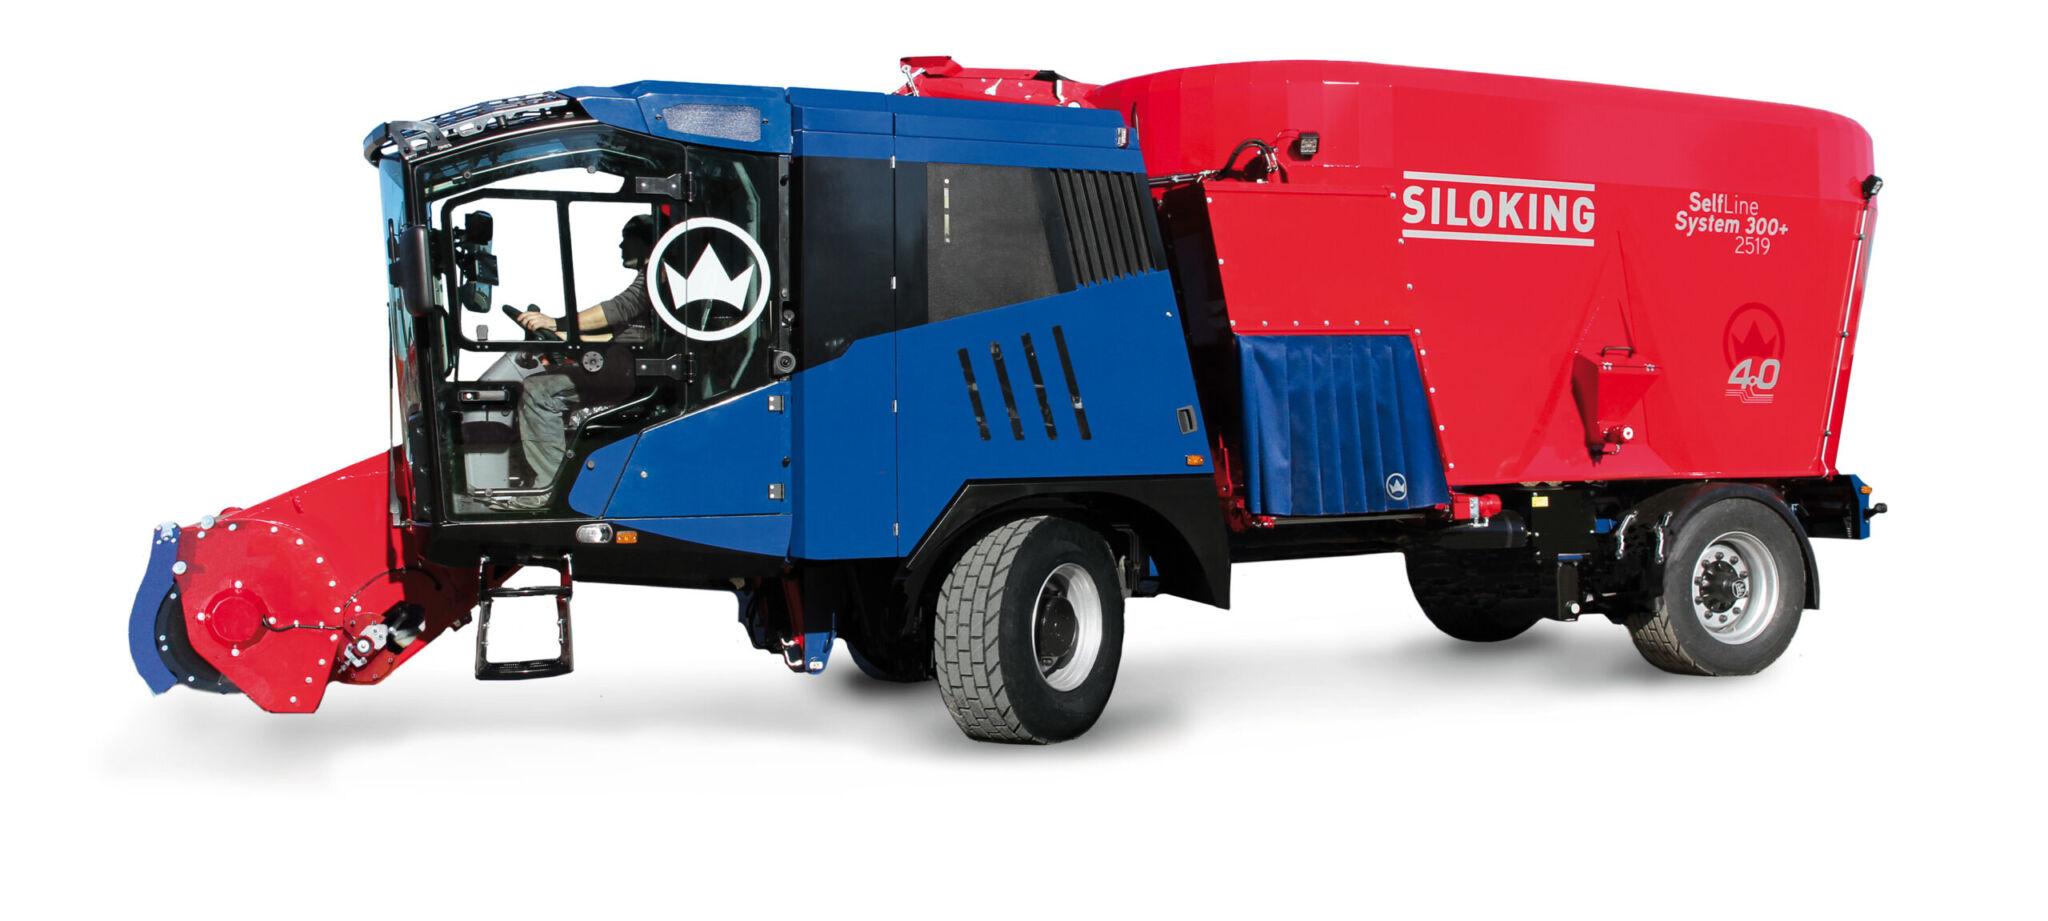 Siloking Futtermischwagen 300+|copyright: Werkbild